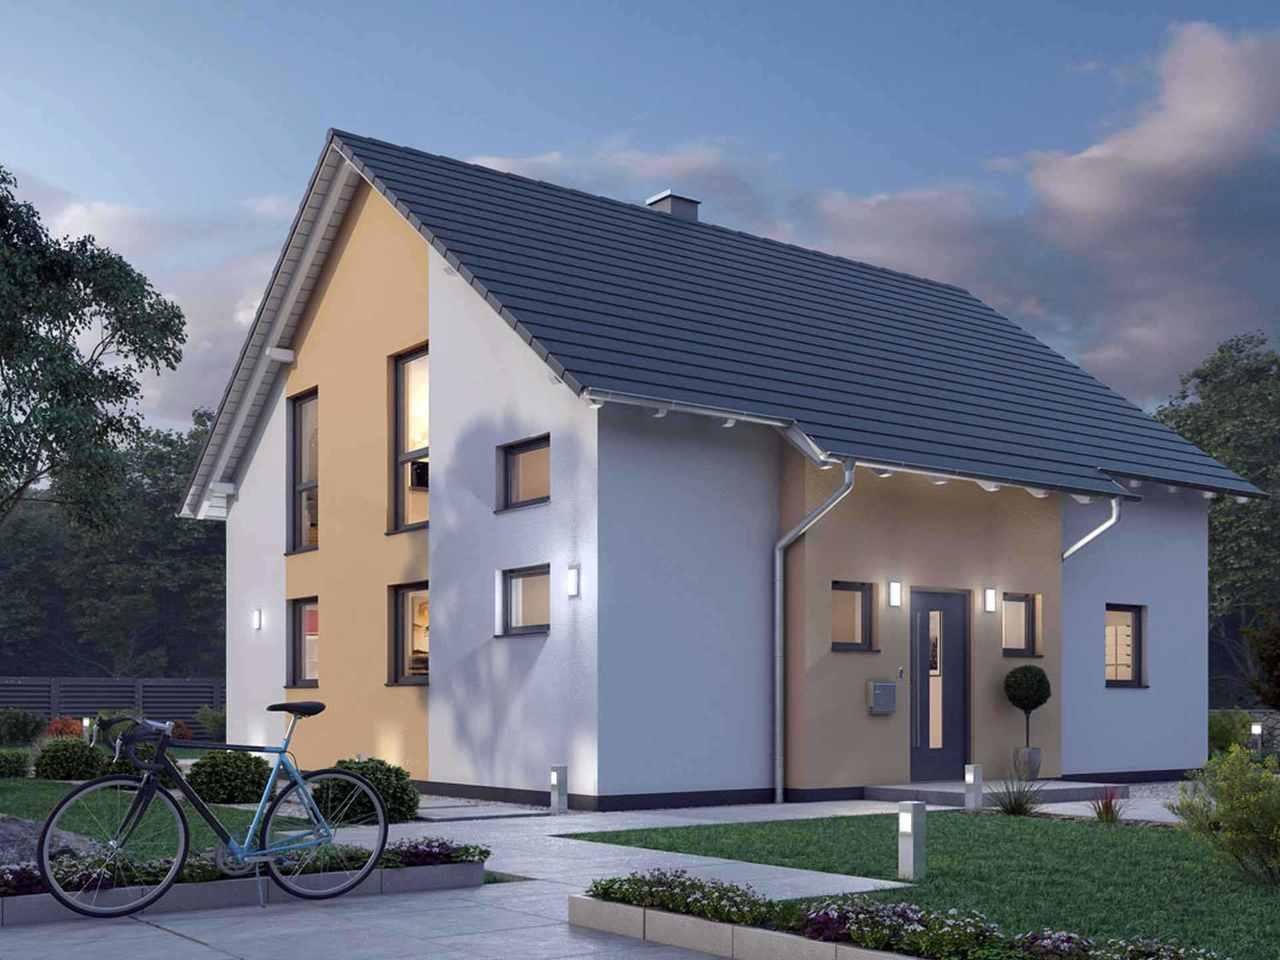 Einfamilienhaus 148 - Ytong Bausatzhaus